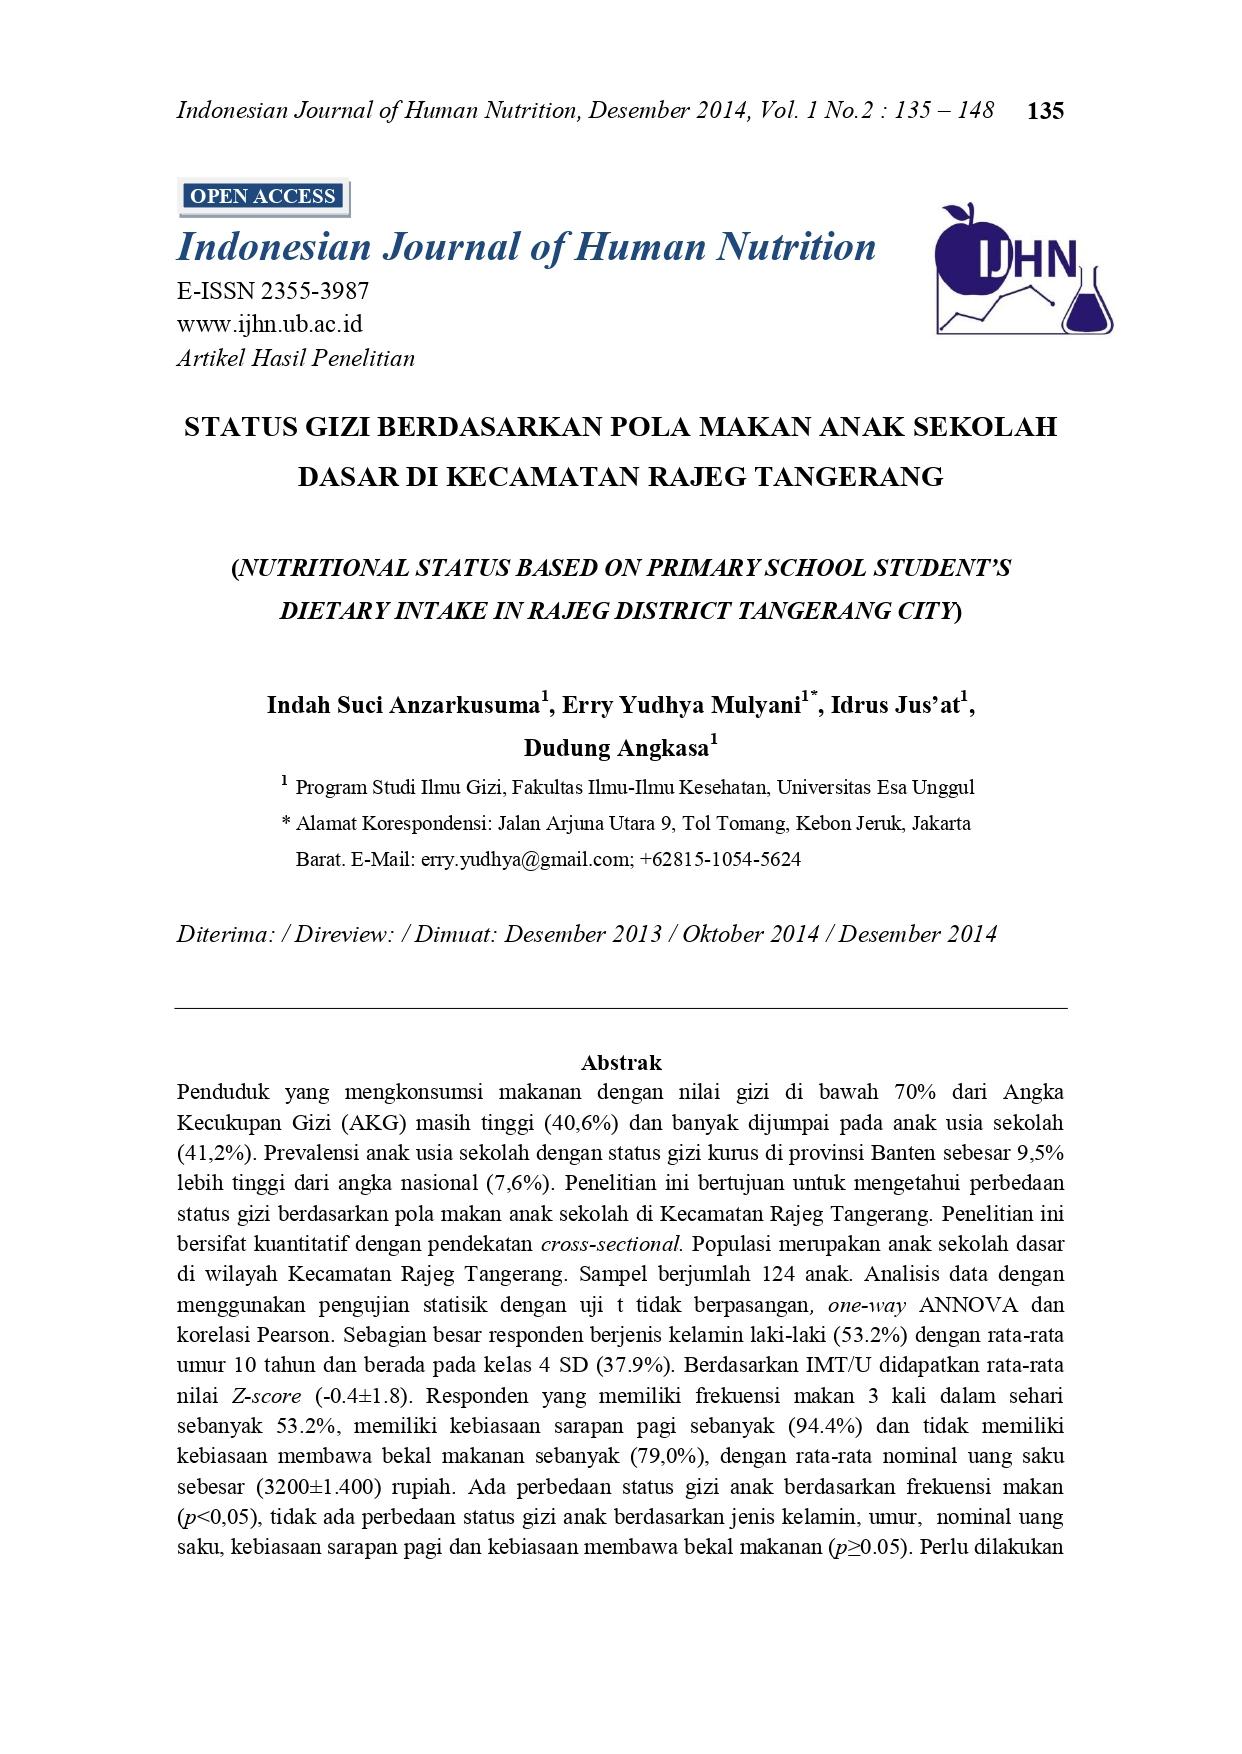 Status Gizi Berdasarkan Pola Makan Anak Sekolah Dasar di Kecamatan Rajeg Tangerang